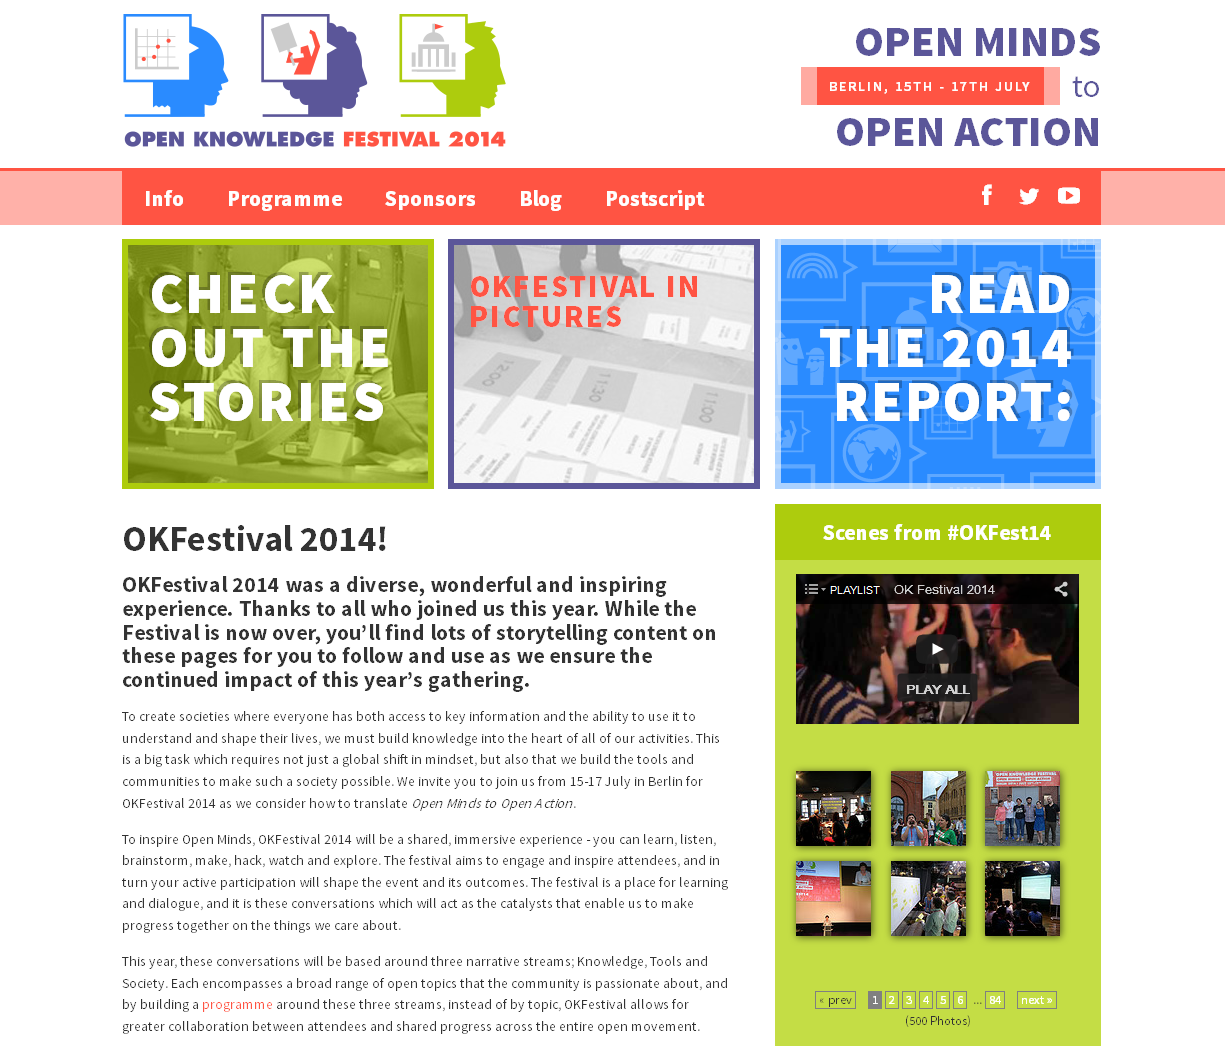 2014 OKFestival